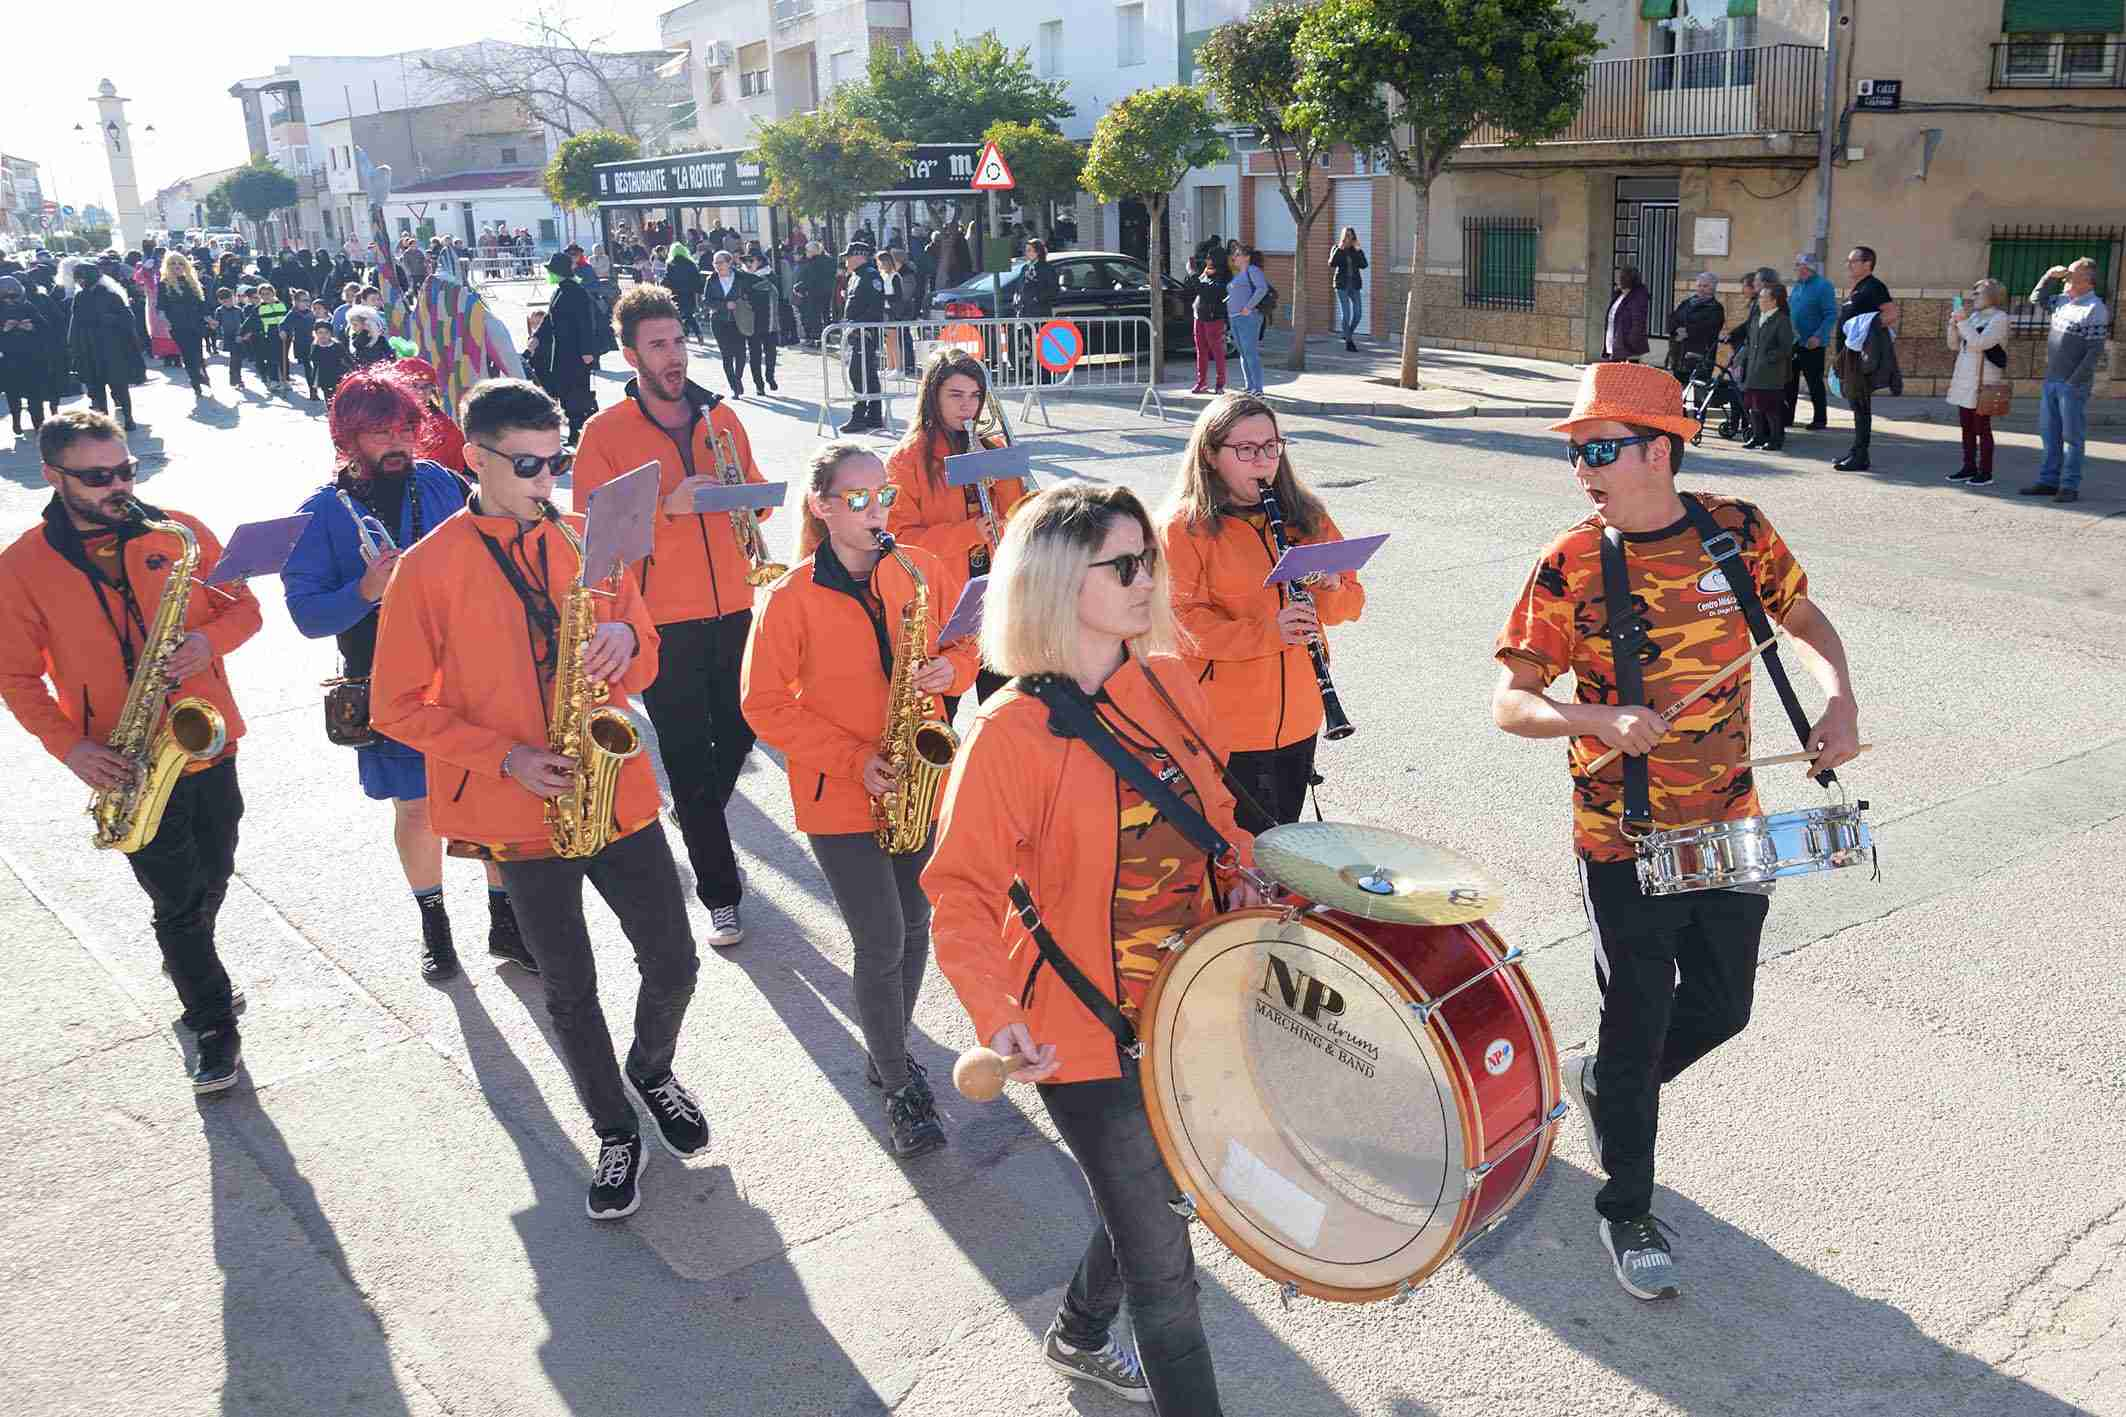 Argamasilla de Alba despide el Carnaval 2020 con el entierro de la sardina 25